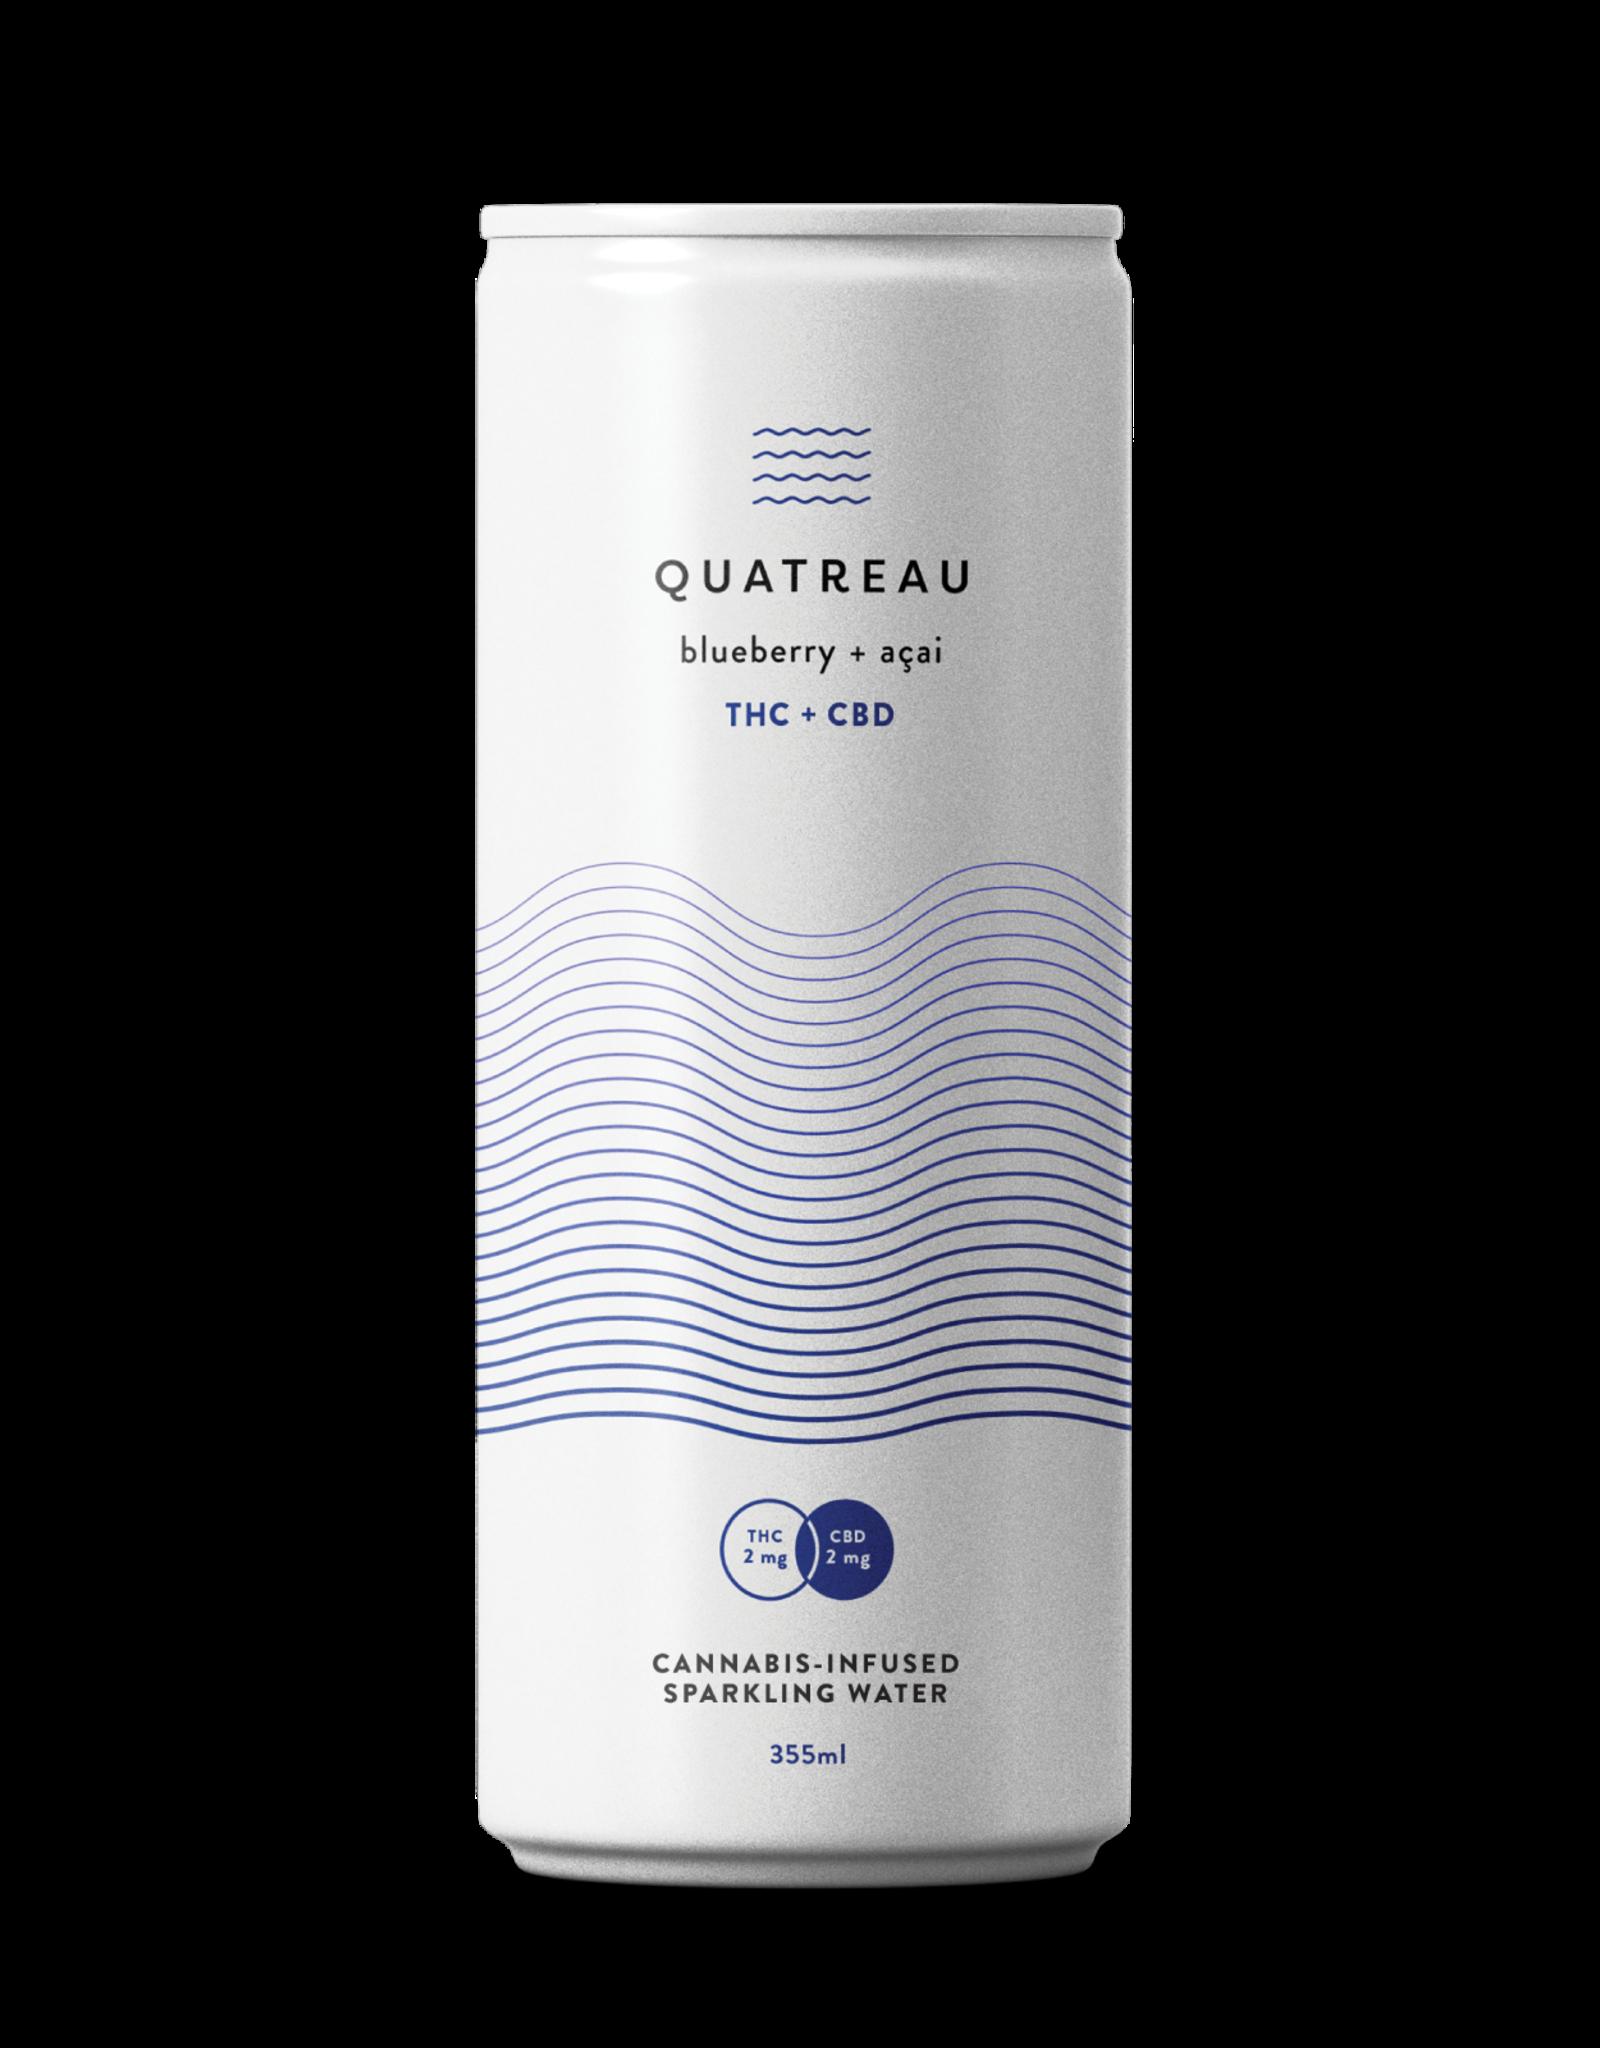 Quatreau **Quatreau - Blueberry + Acai Drink